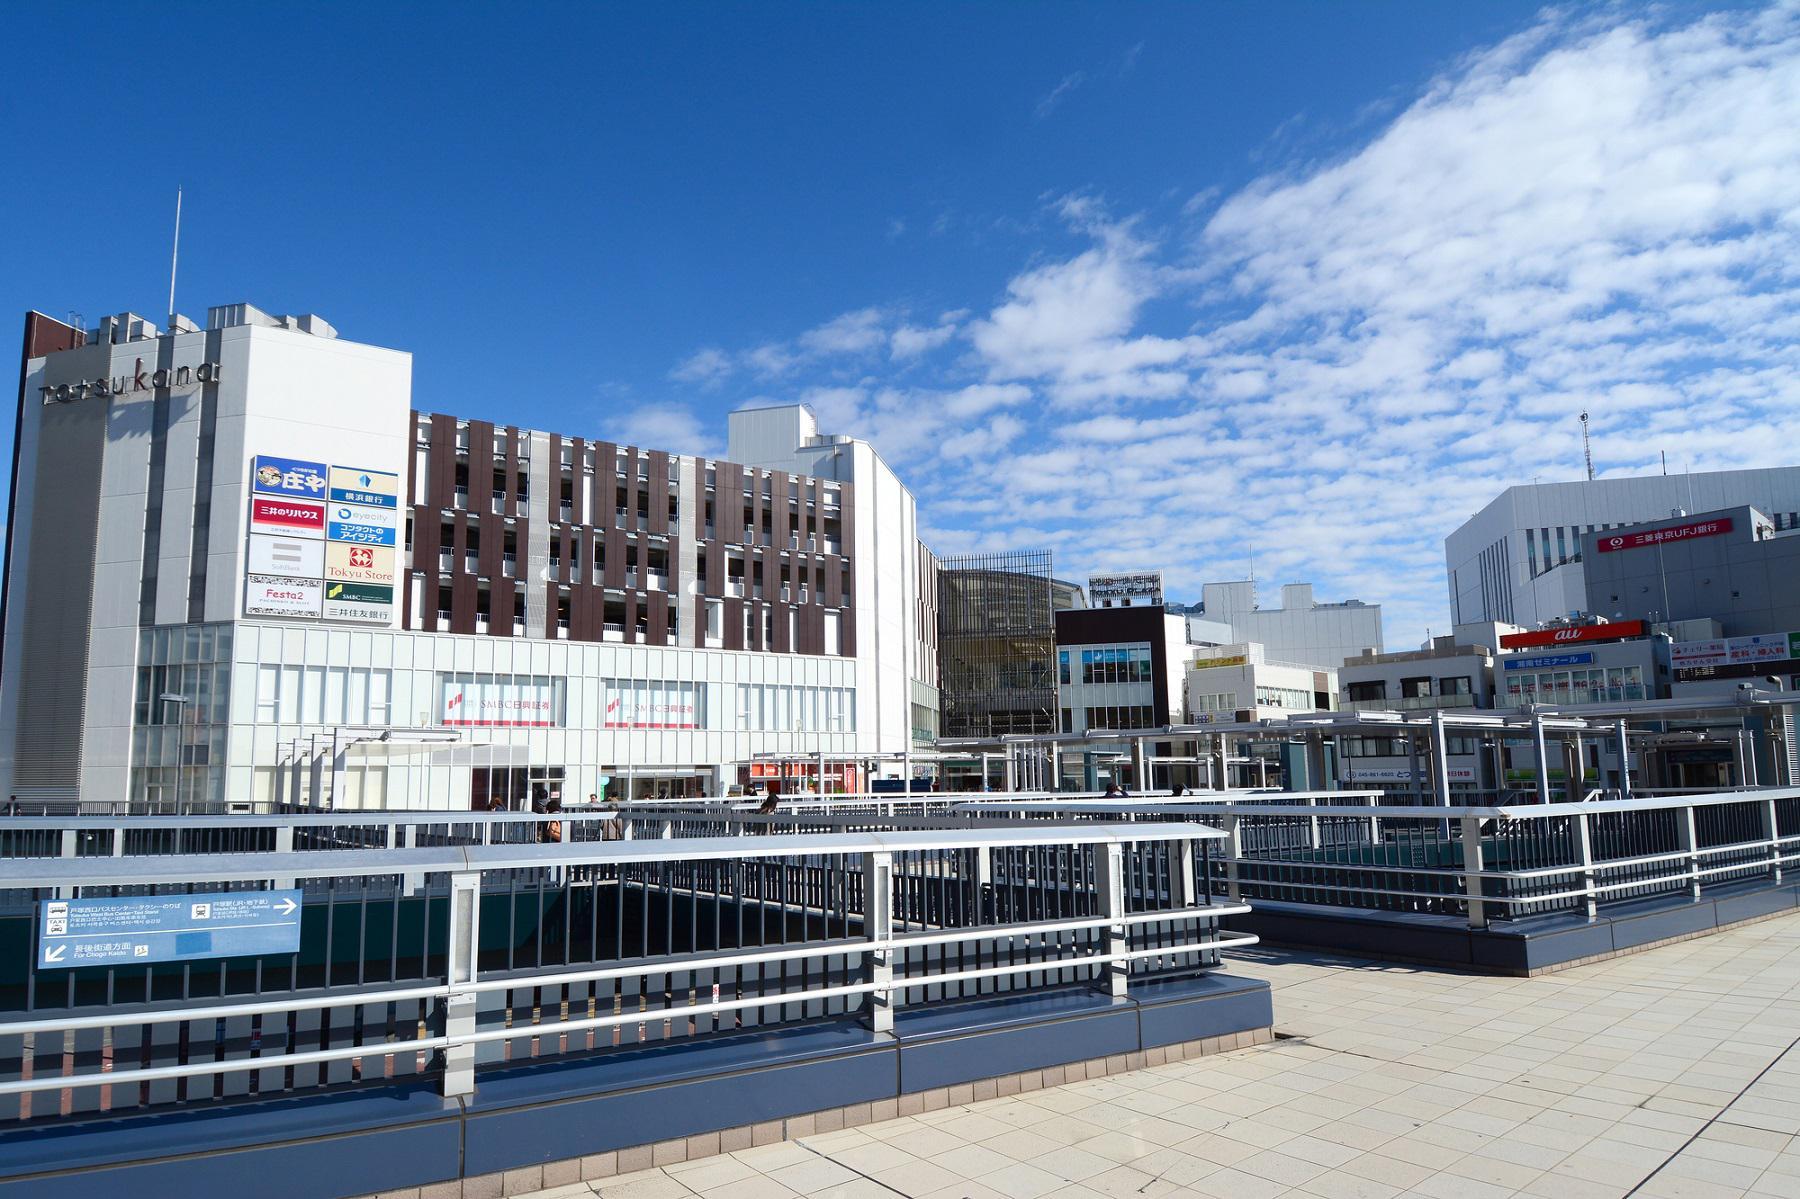 戸塚駅アイキャッチ